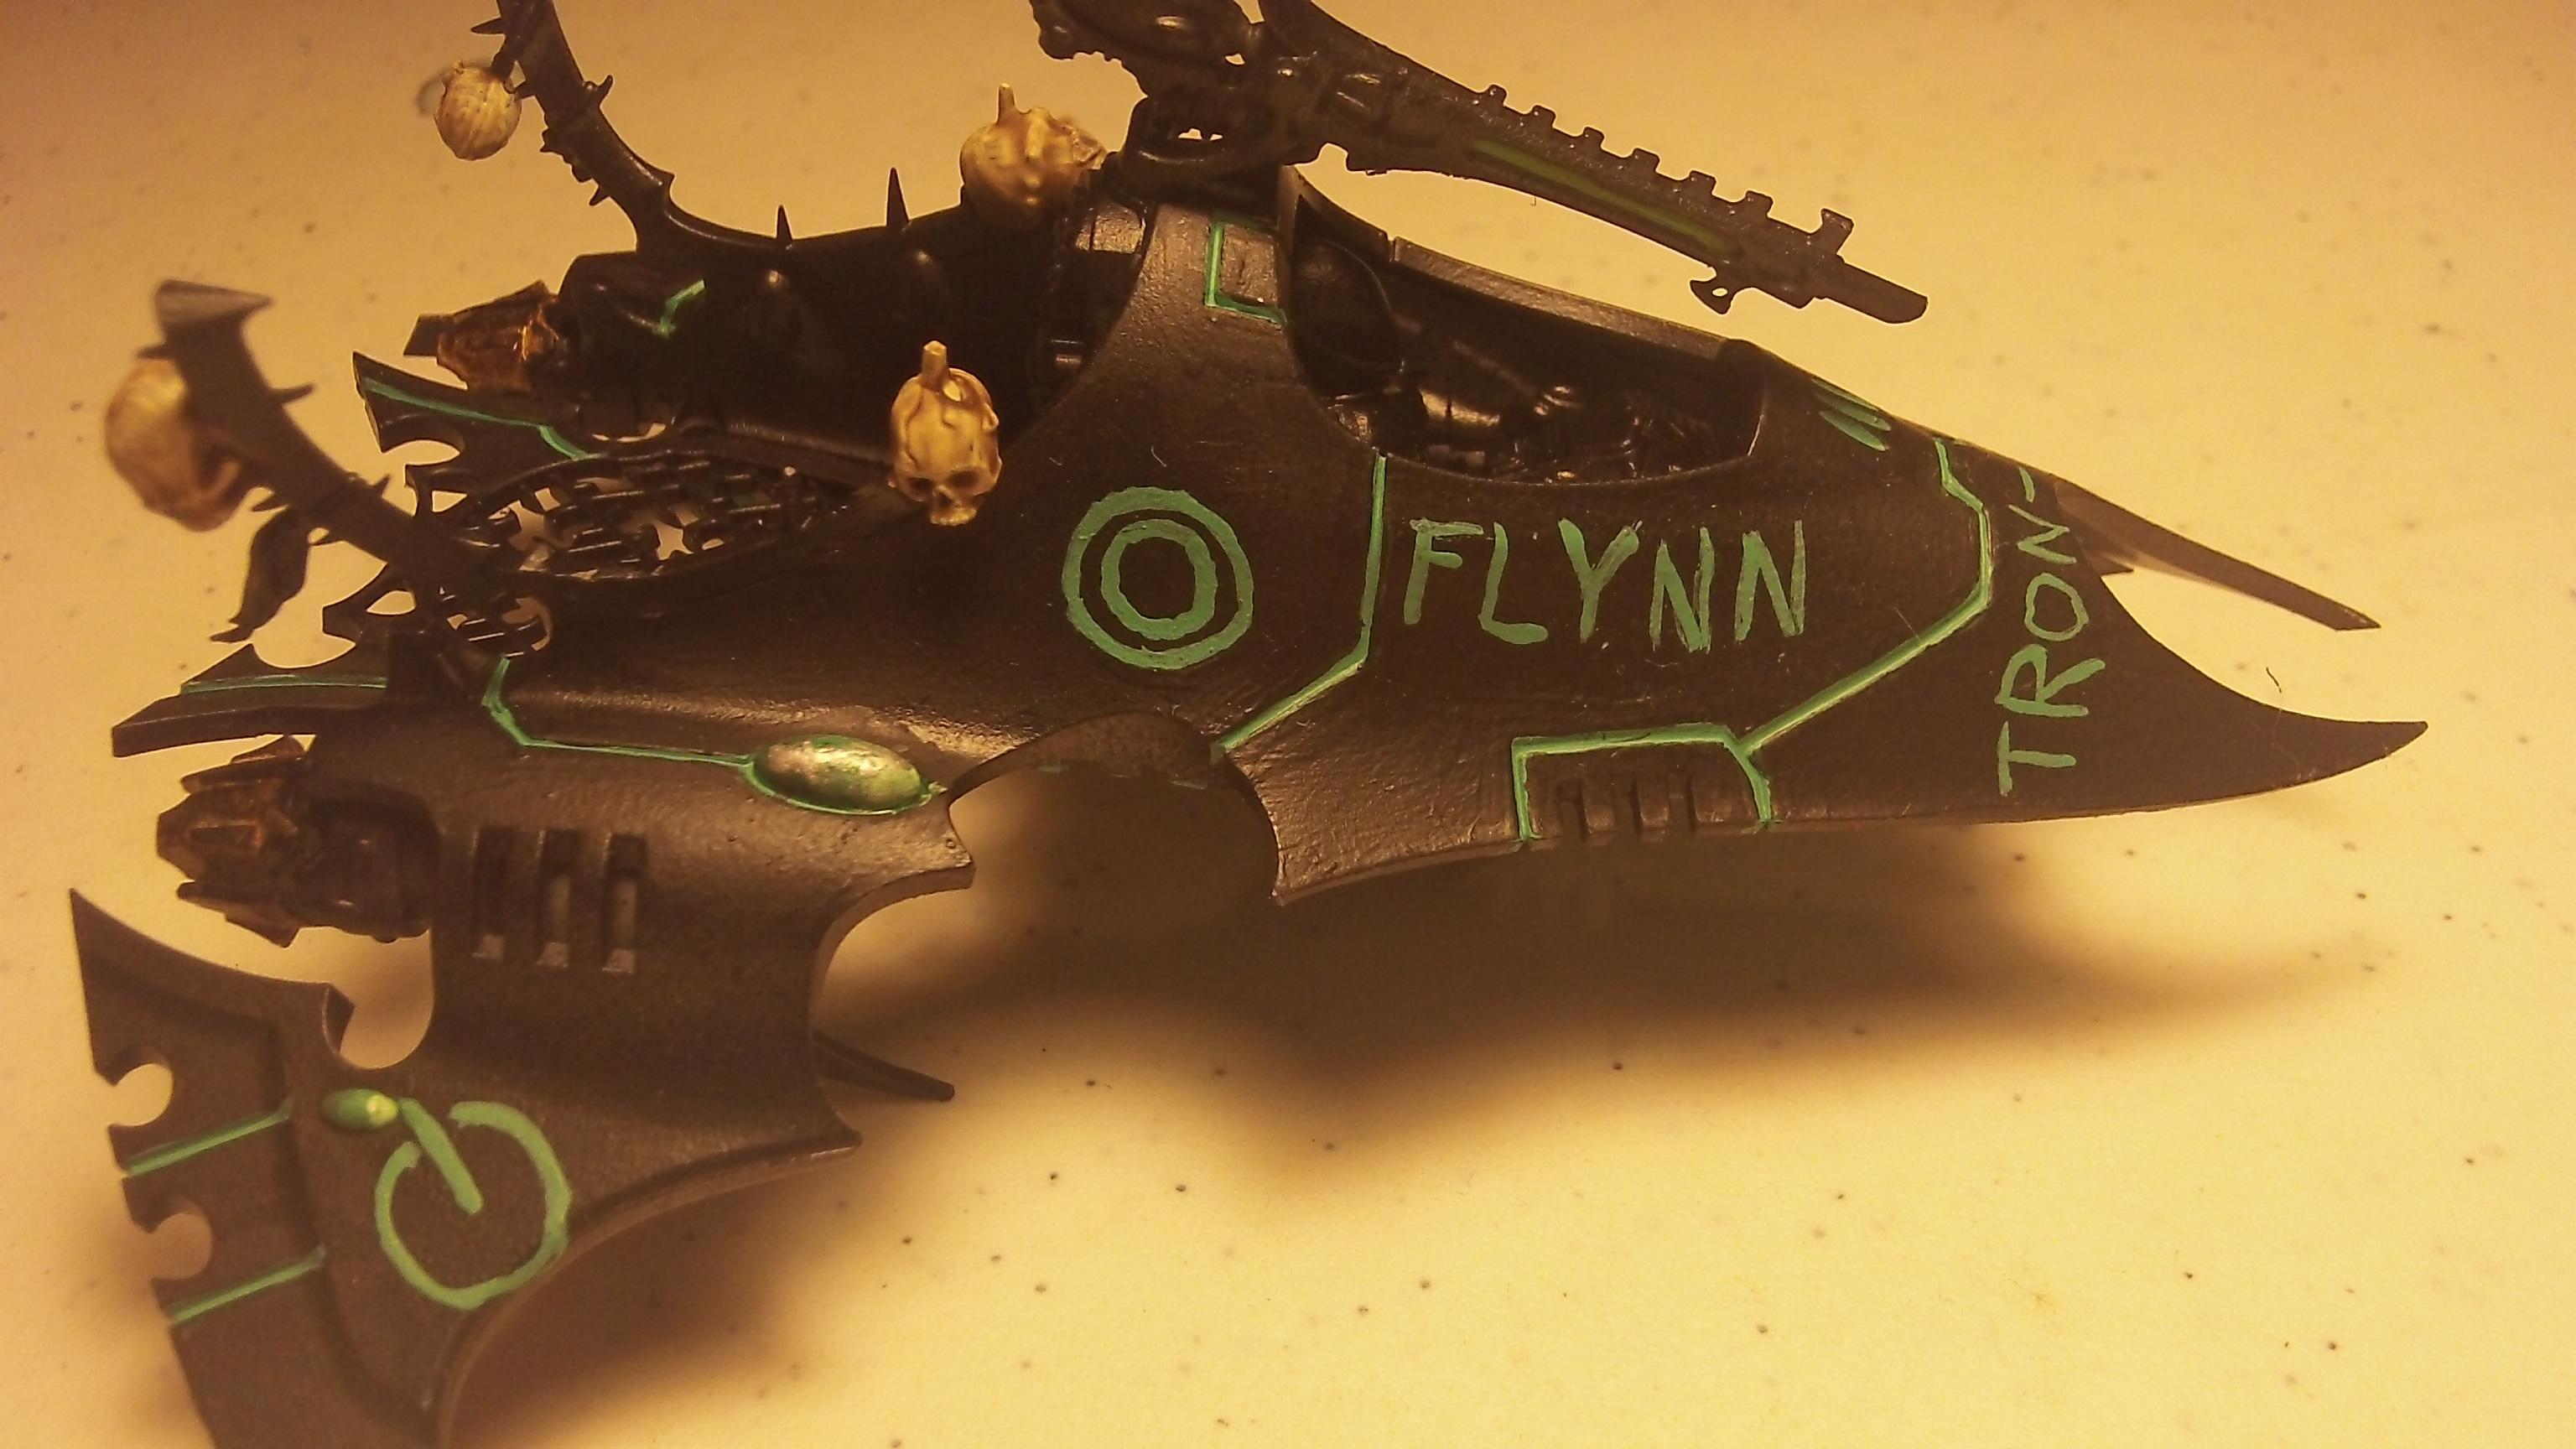 Flynn's Ride